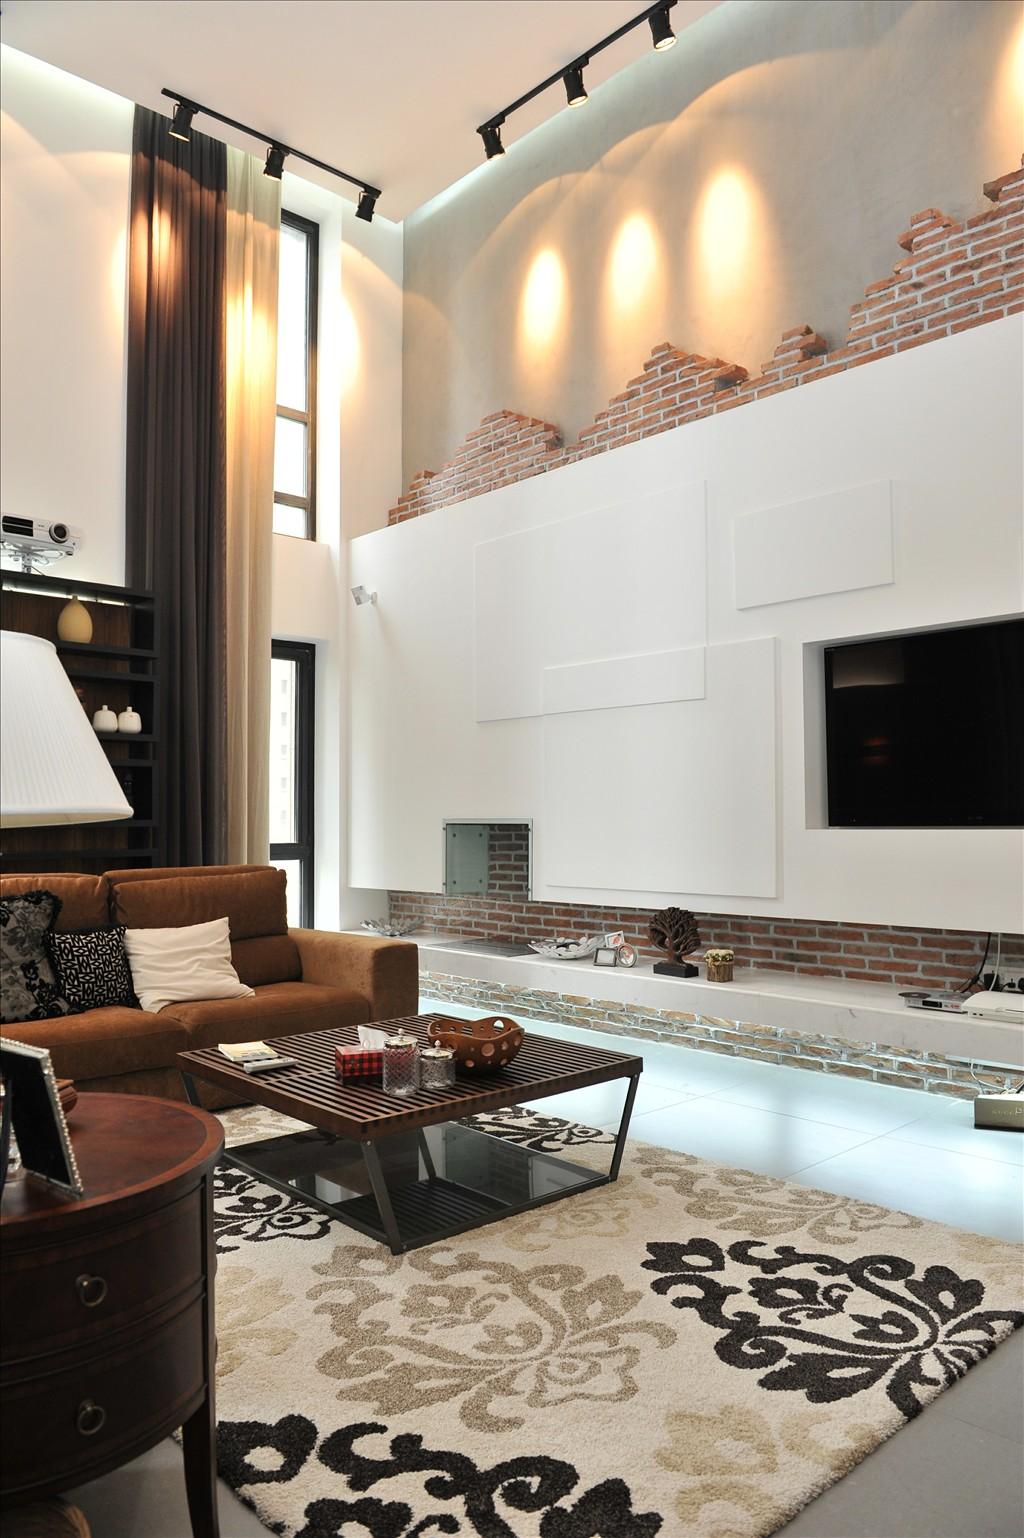 蓝堡湾 跃式装修 装修公司 大业美家 装饰公司 客厅图片来自158xxxx9432在蓝堡湾270平方舒适大宅装修案例的分享